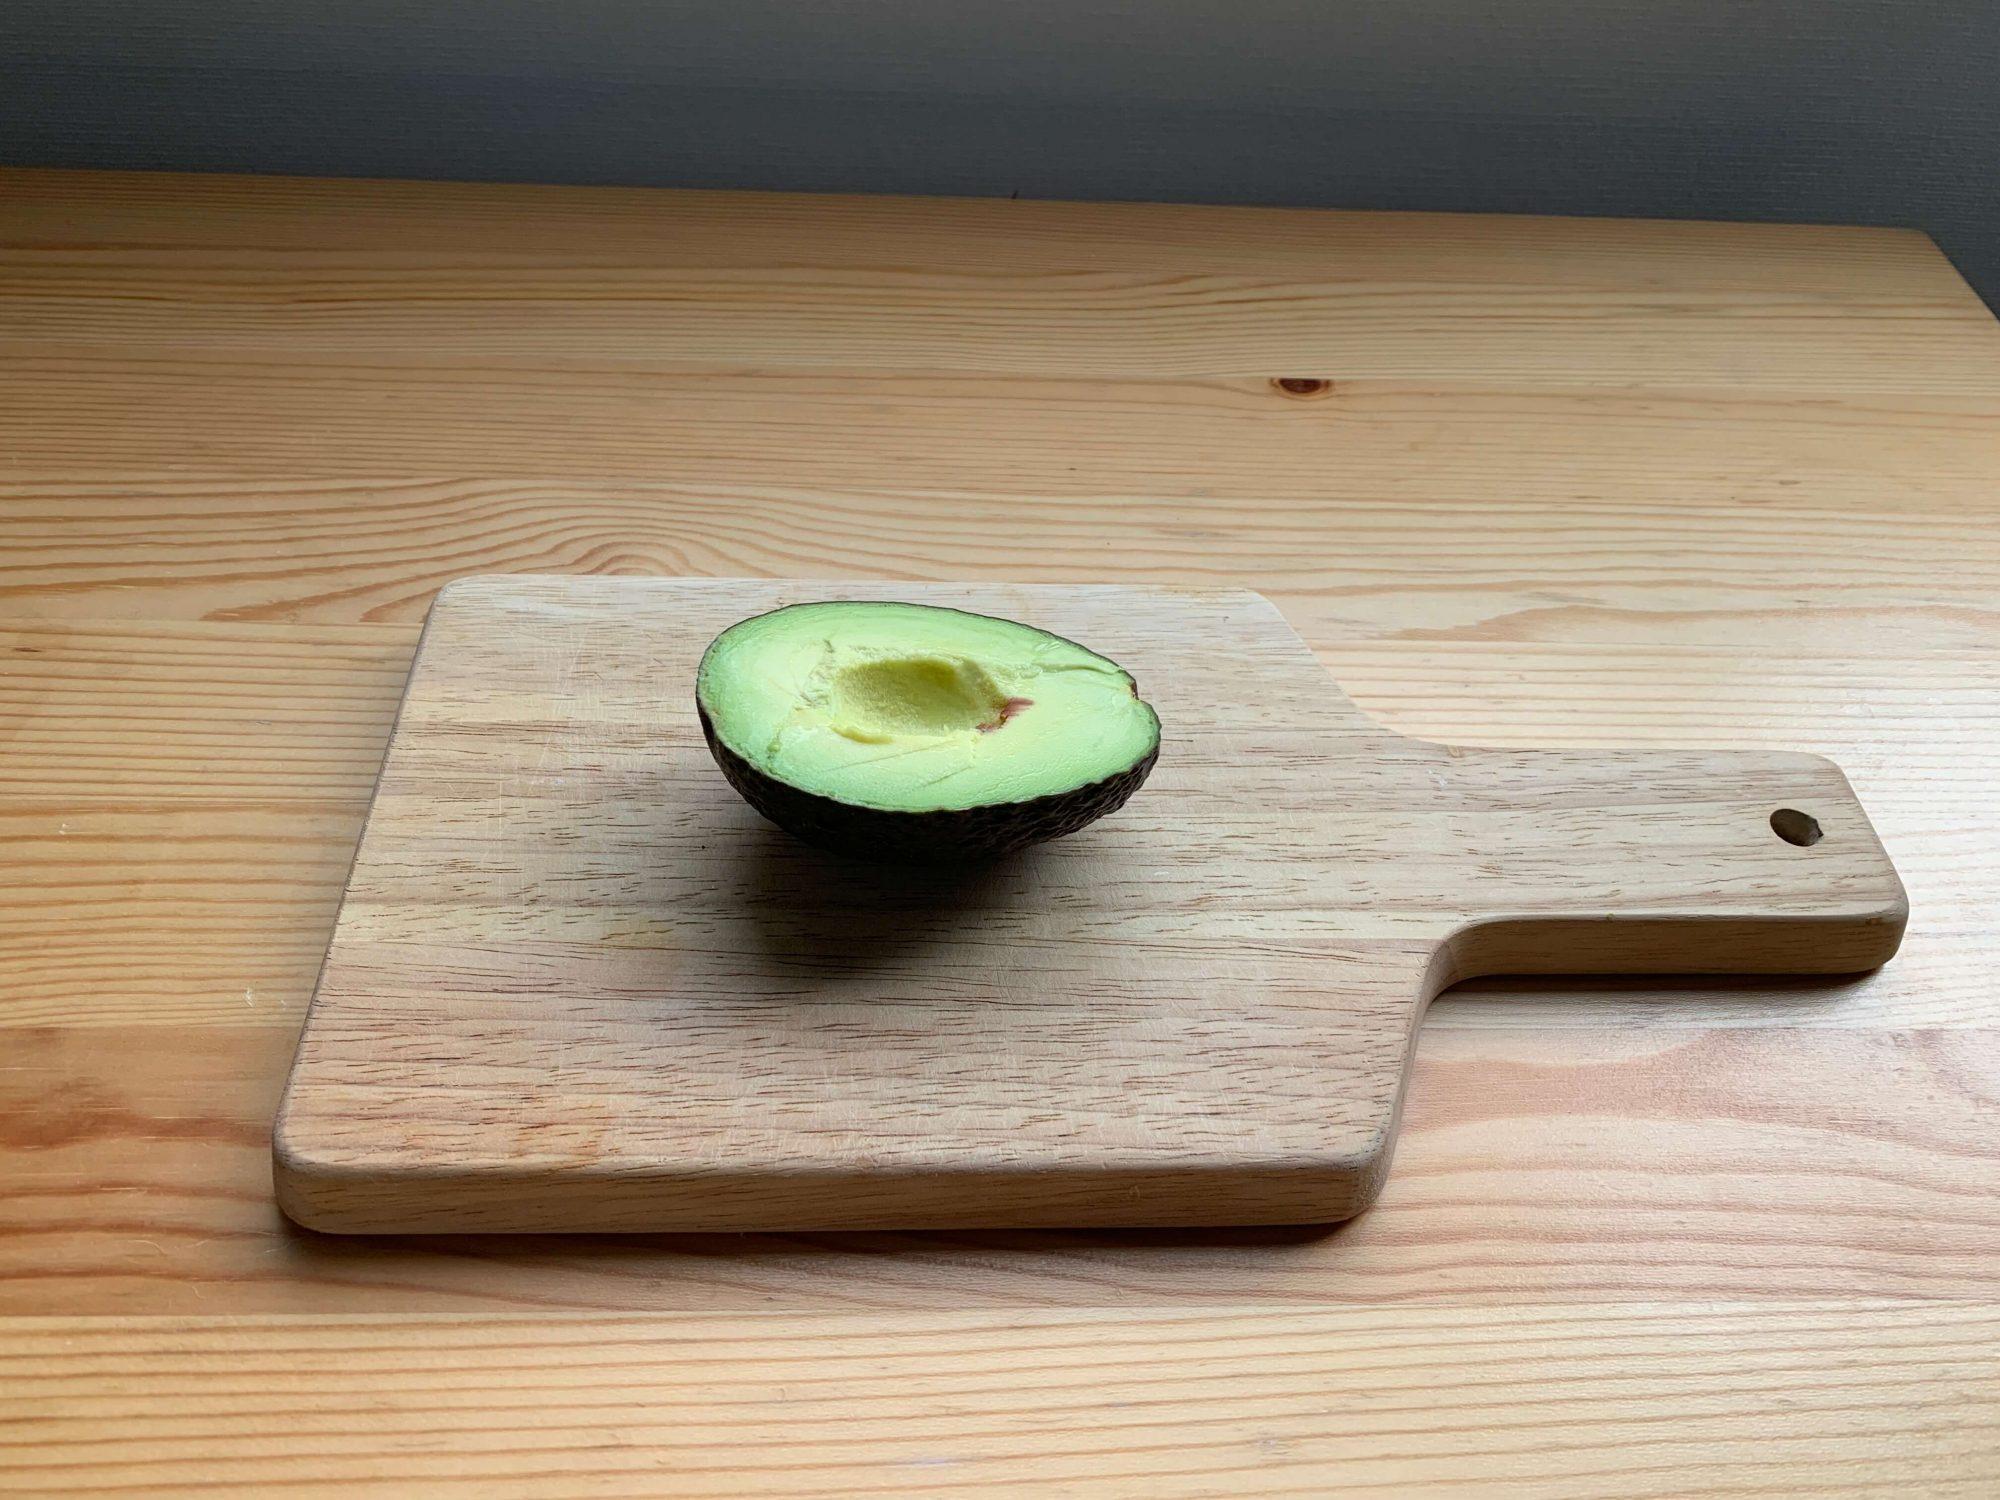 アボカドをのせるとこんな感じ。ちょっとフルーツを剥く時に便利なサイズ感ですね。